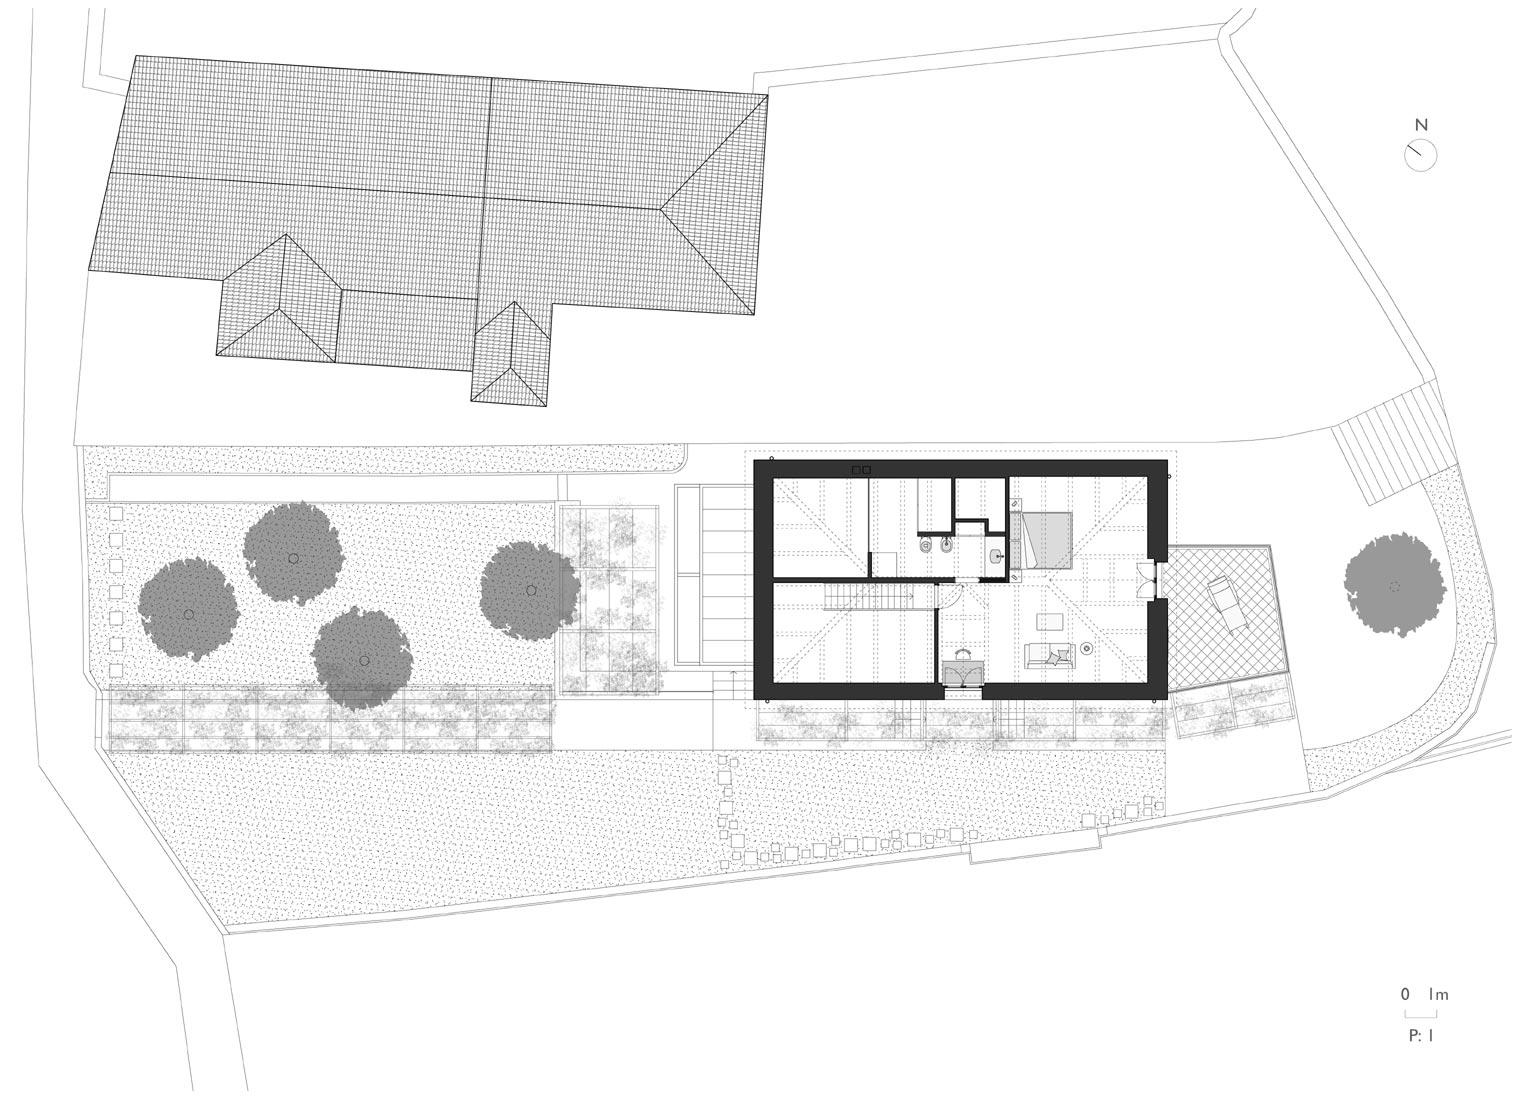 vk-architetti_bonafata_plan1